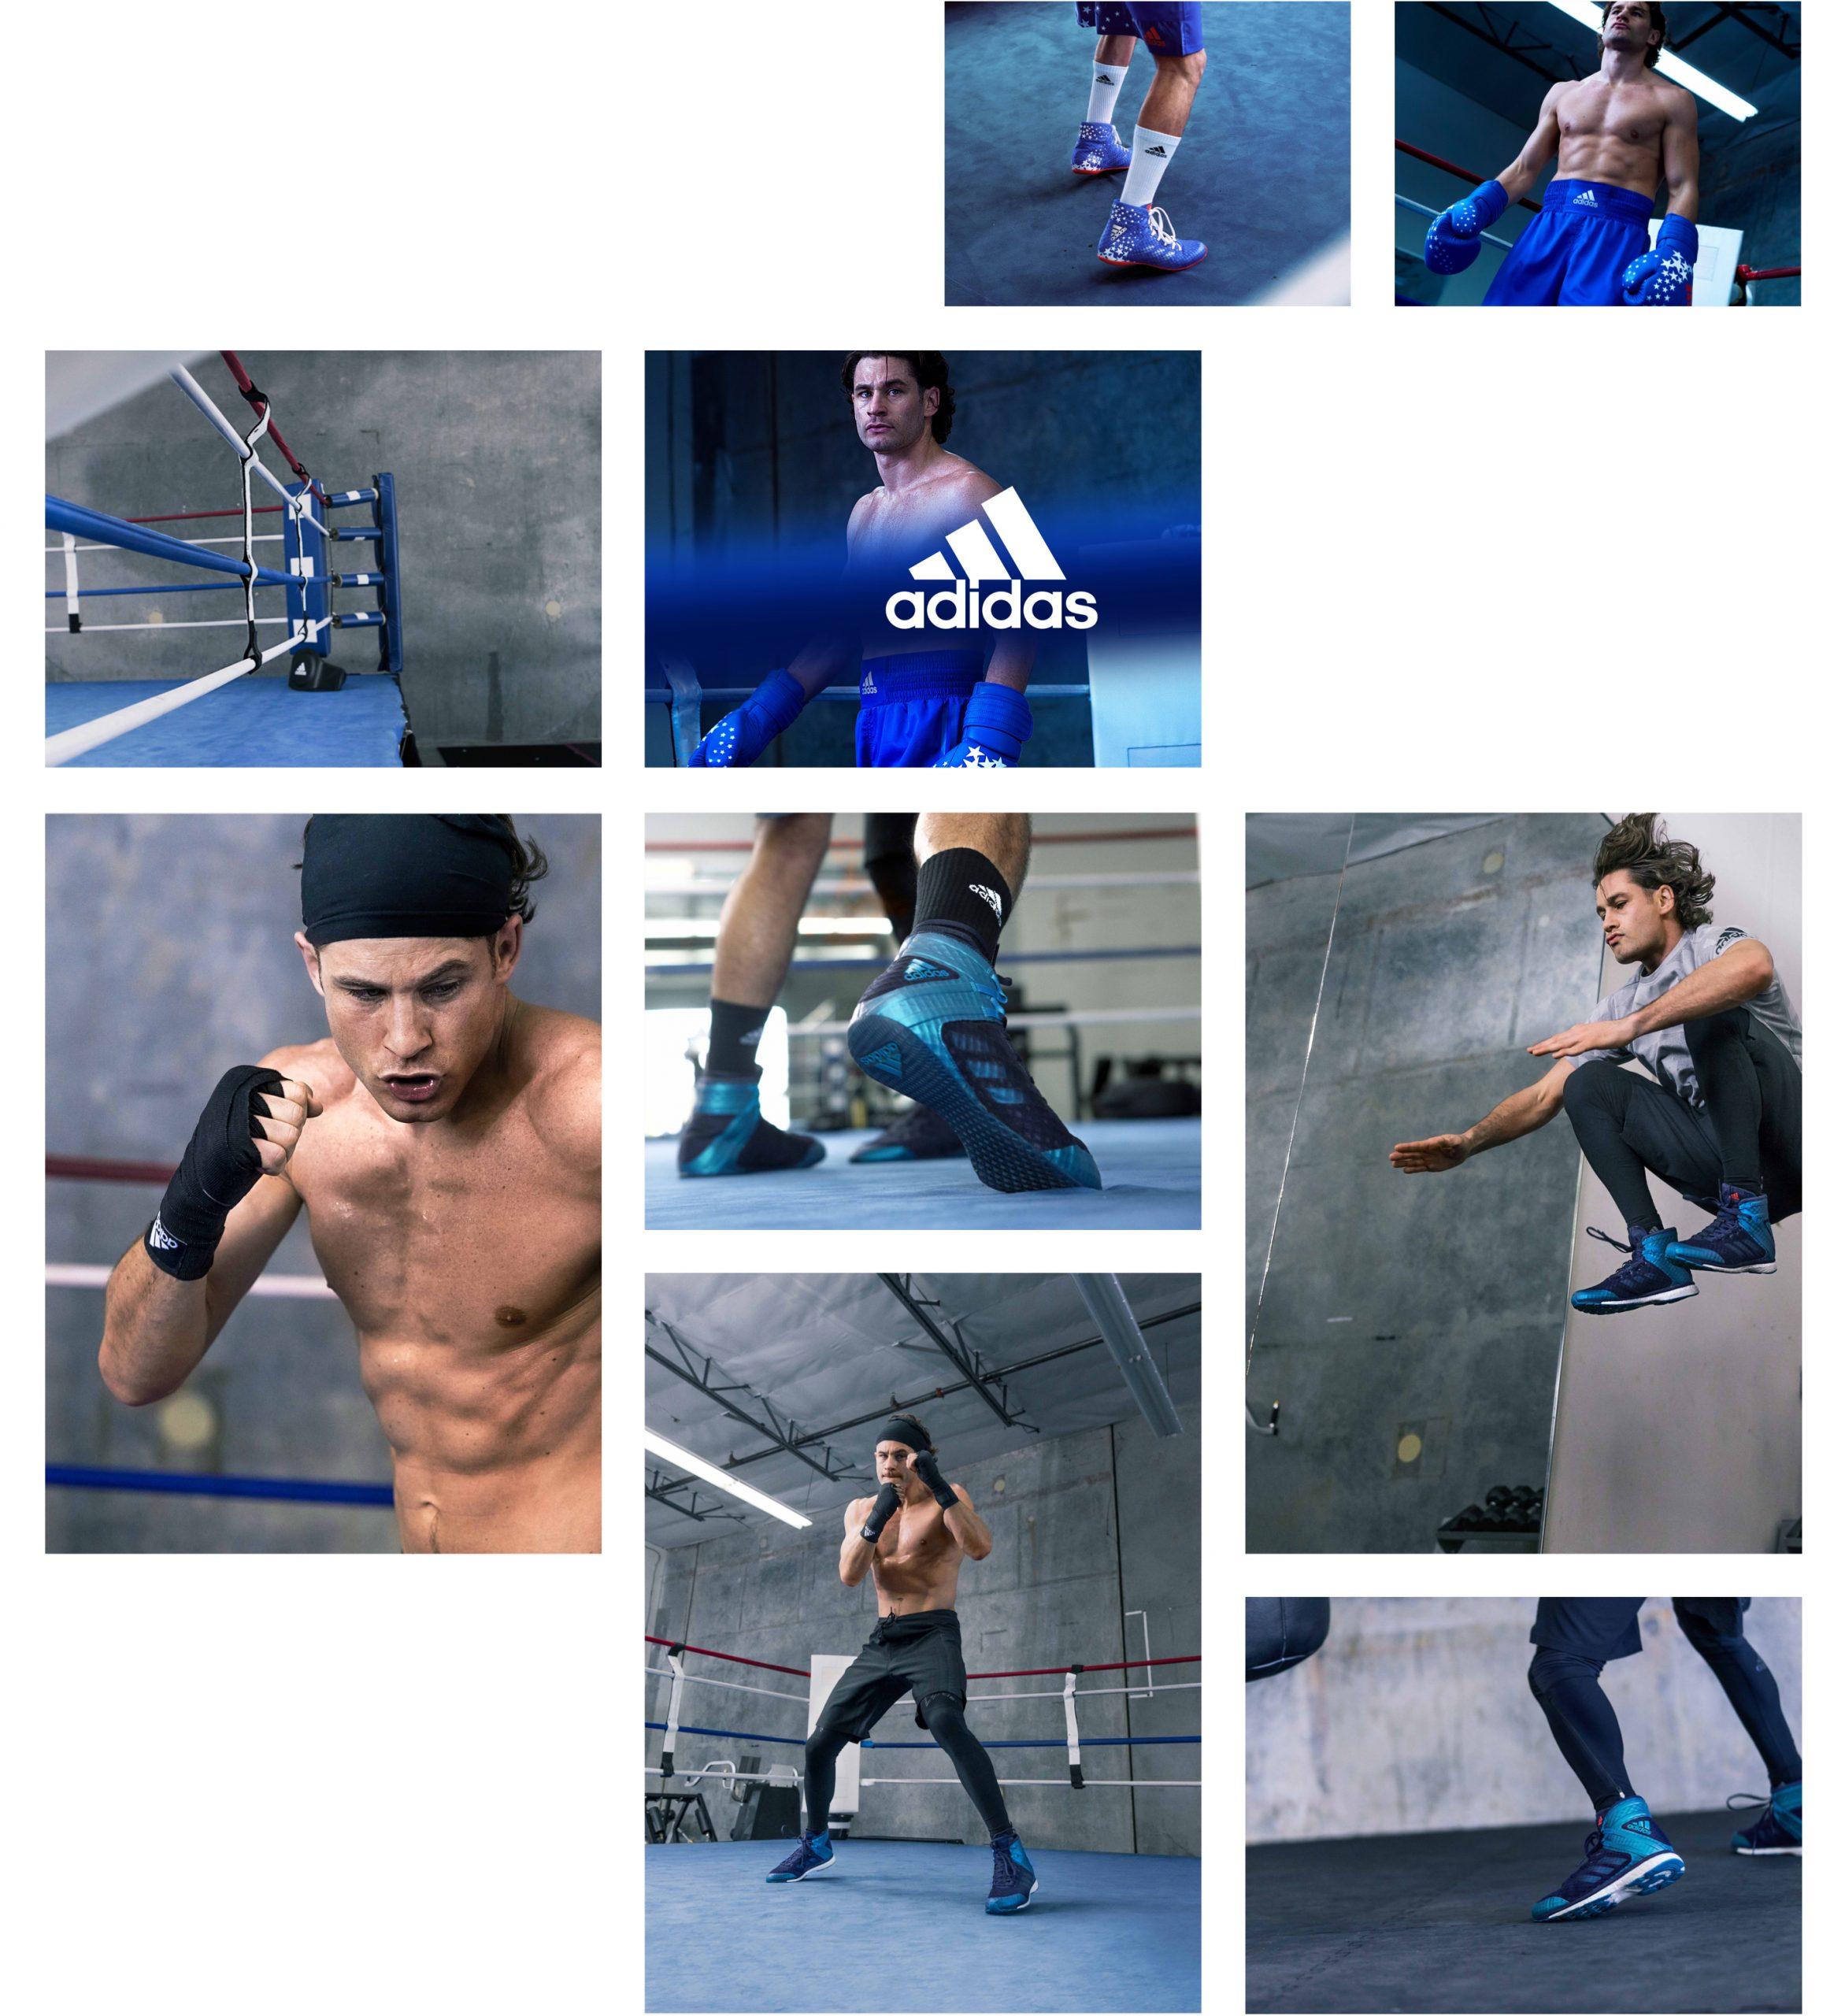 pascher-heinz-adidas-boxing-visual-01-2